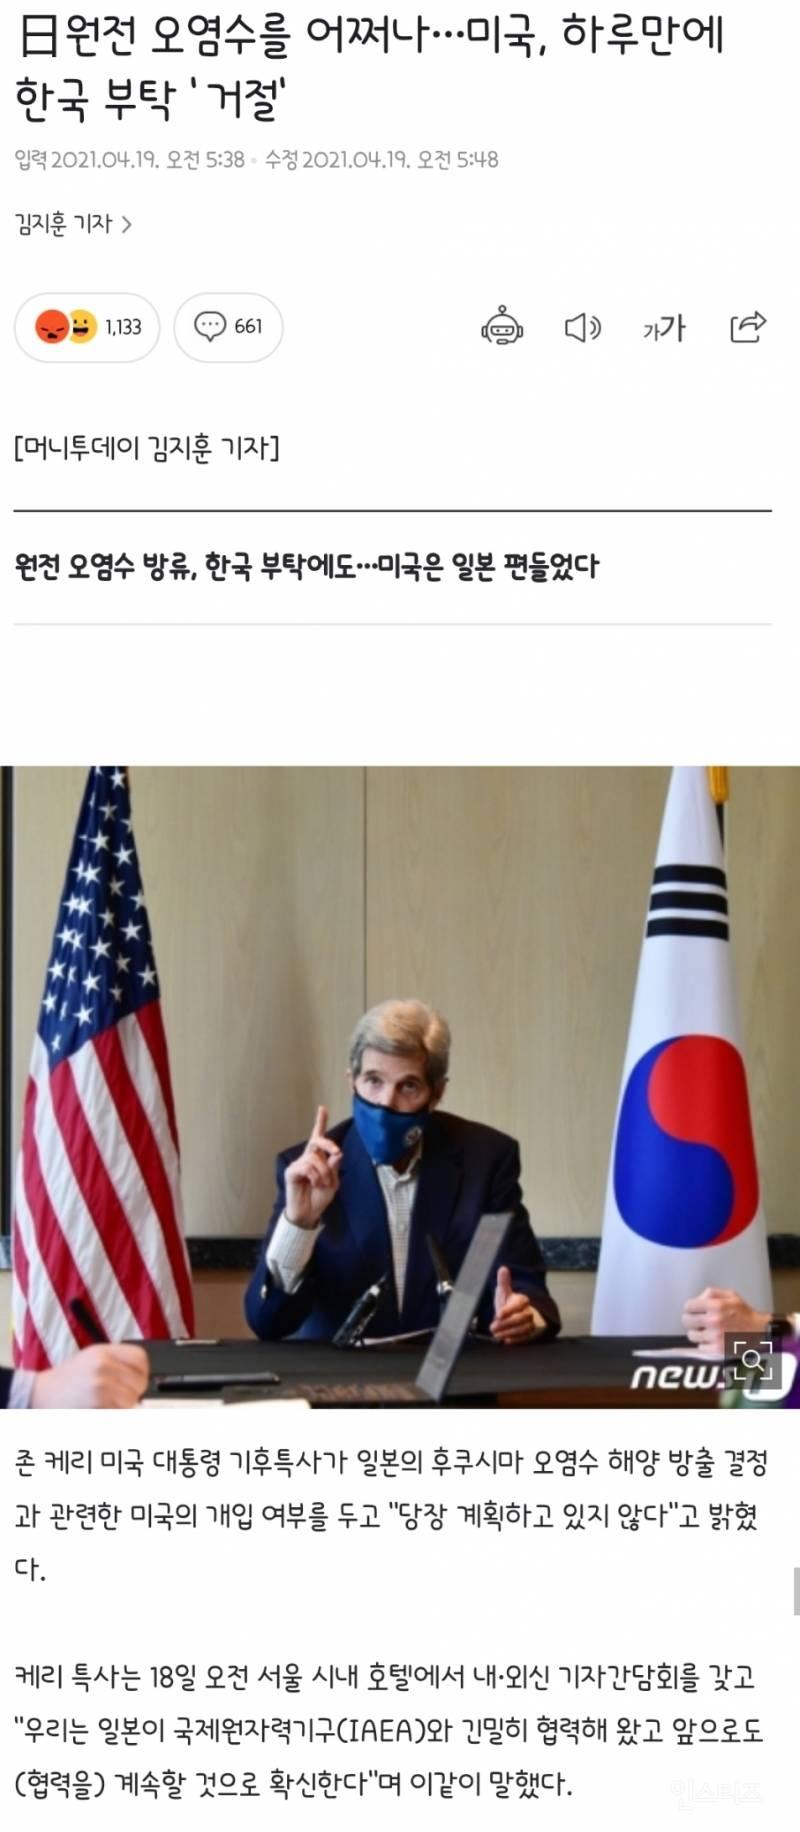 日원전 오염수를 어쩌나 미국, 하루만에 한국 부탁 '거절' | 인스티즈